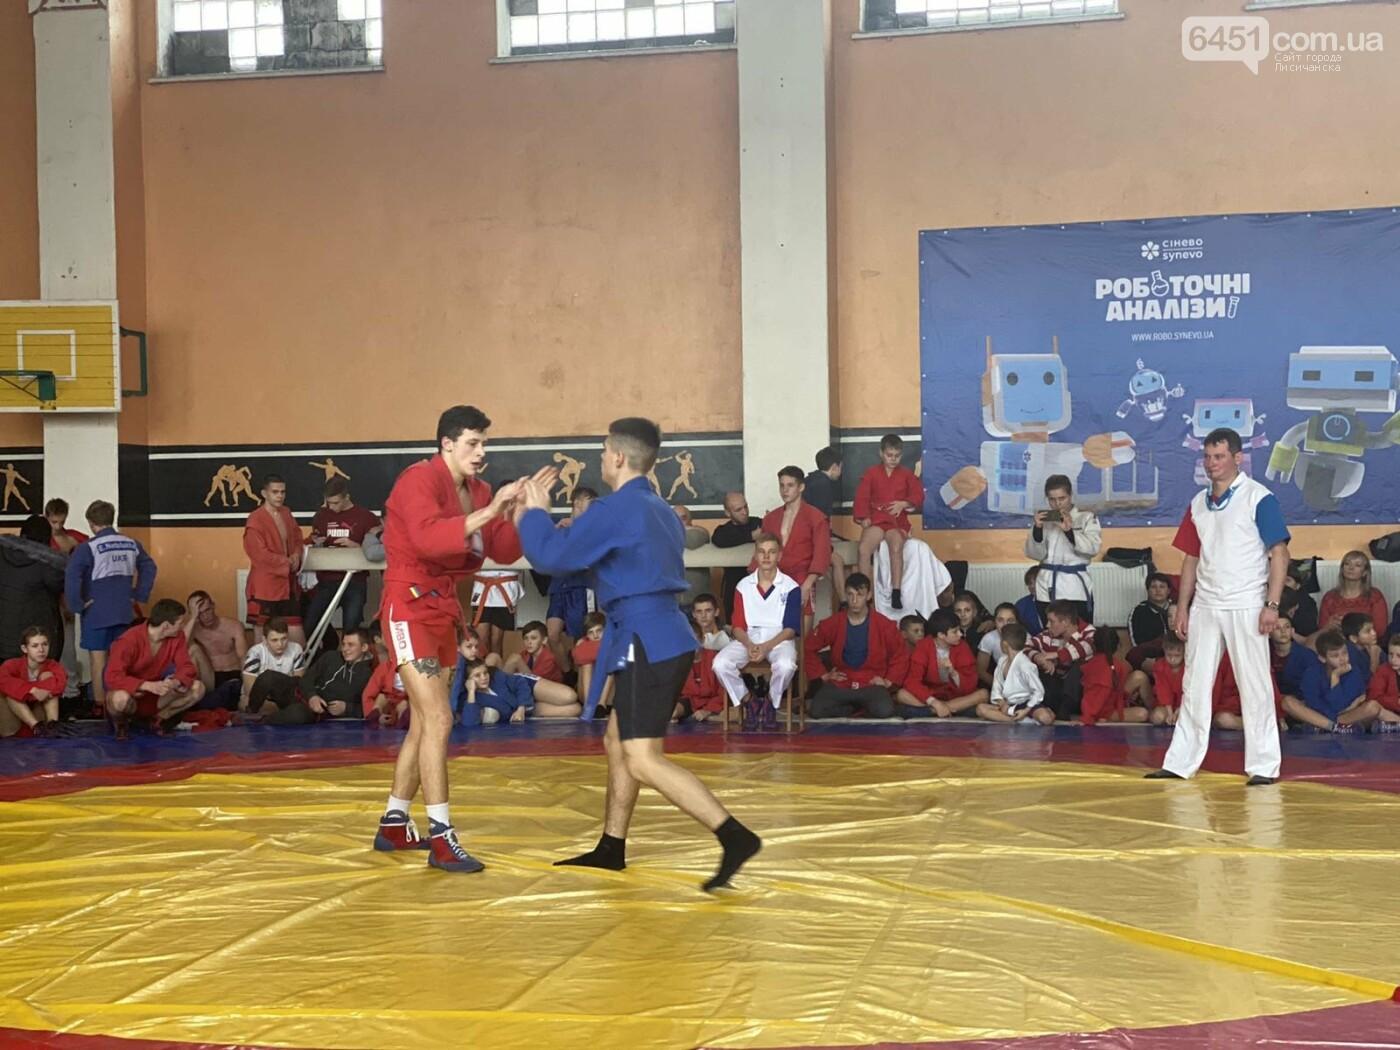 Самбисты из Лисичанска одержали победу в городском и областном чемпионатах, фото-1